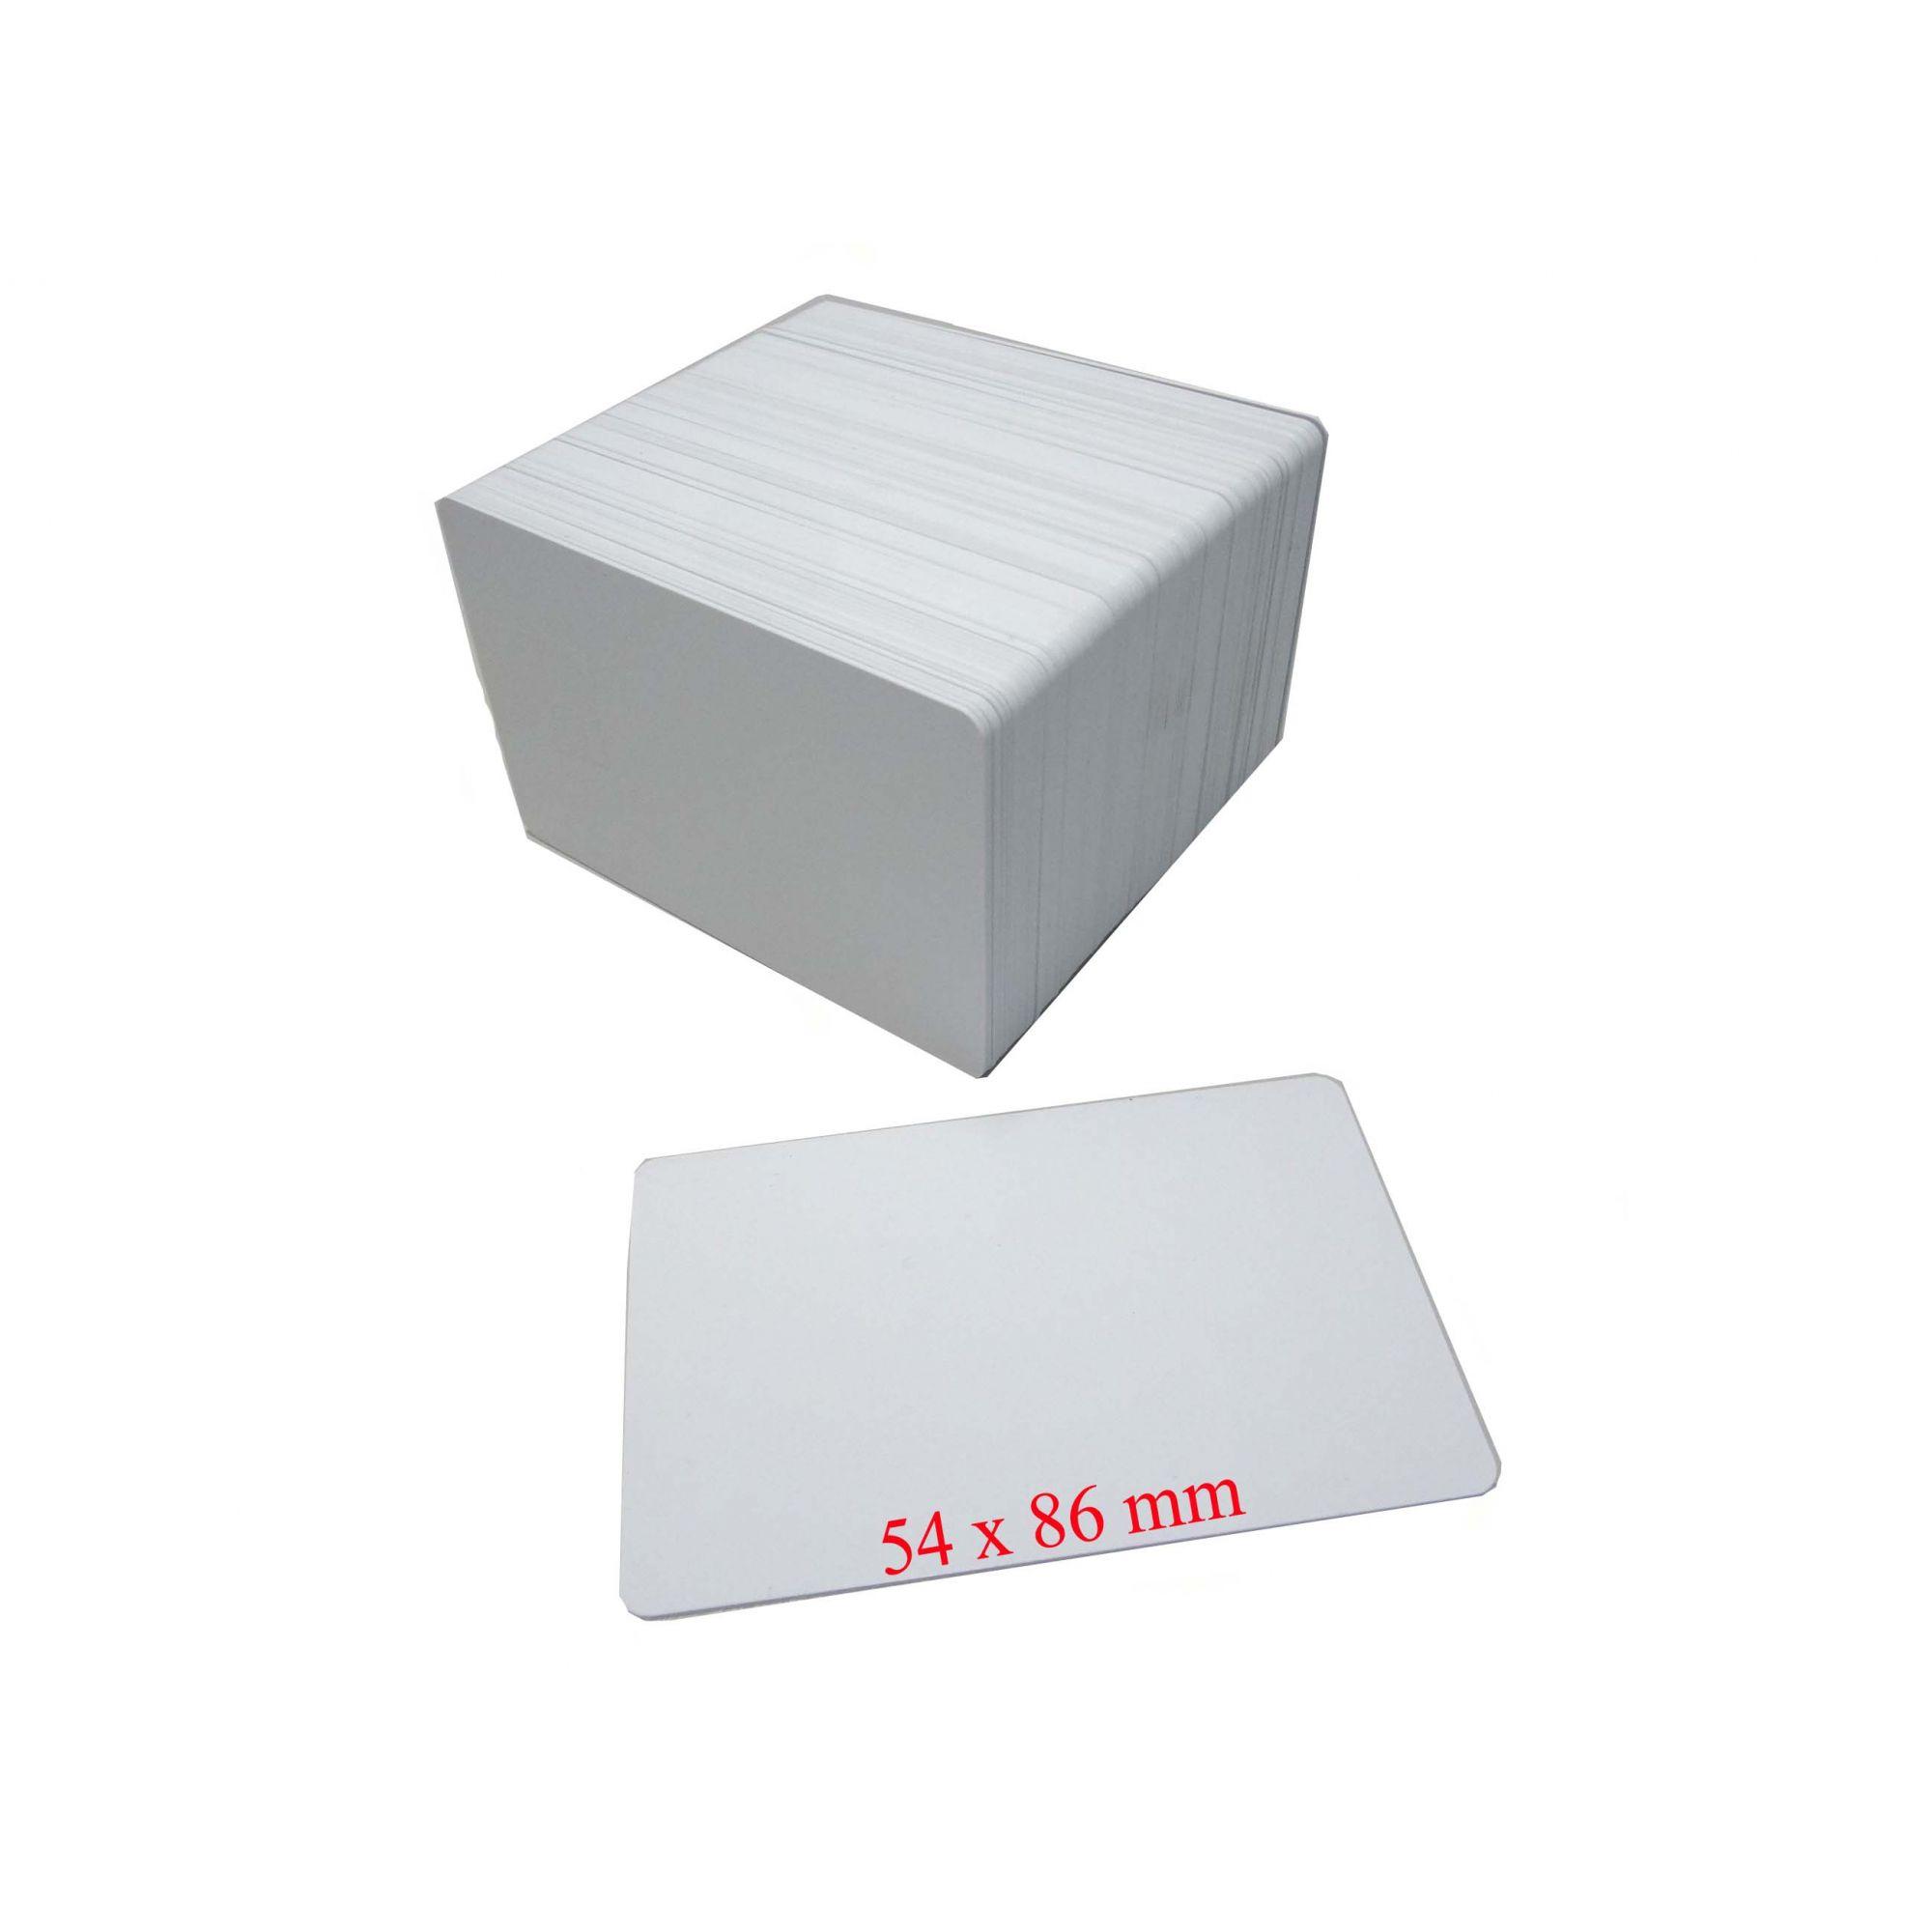 c) Cartão PVC Branco Espessura 076 Tamanho 54 X 86 mm